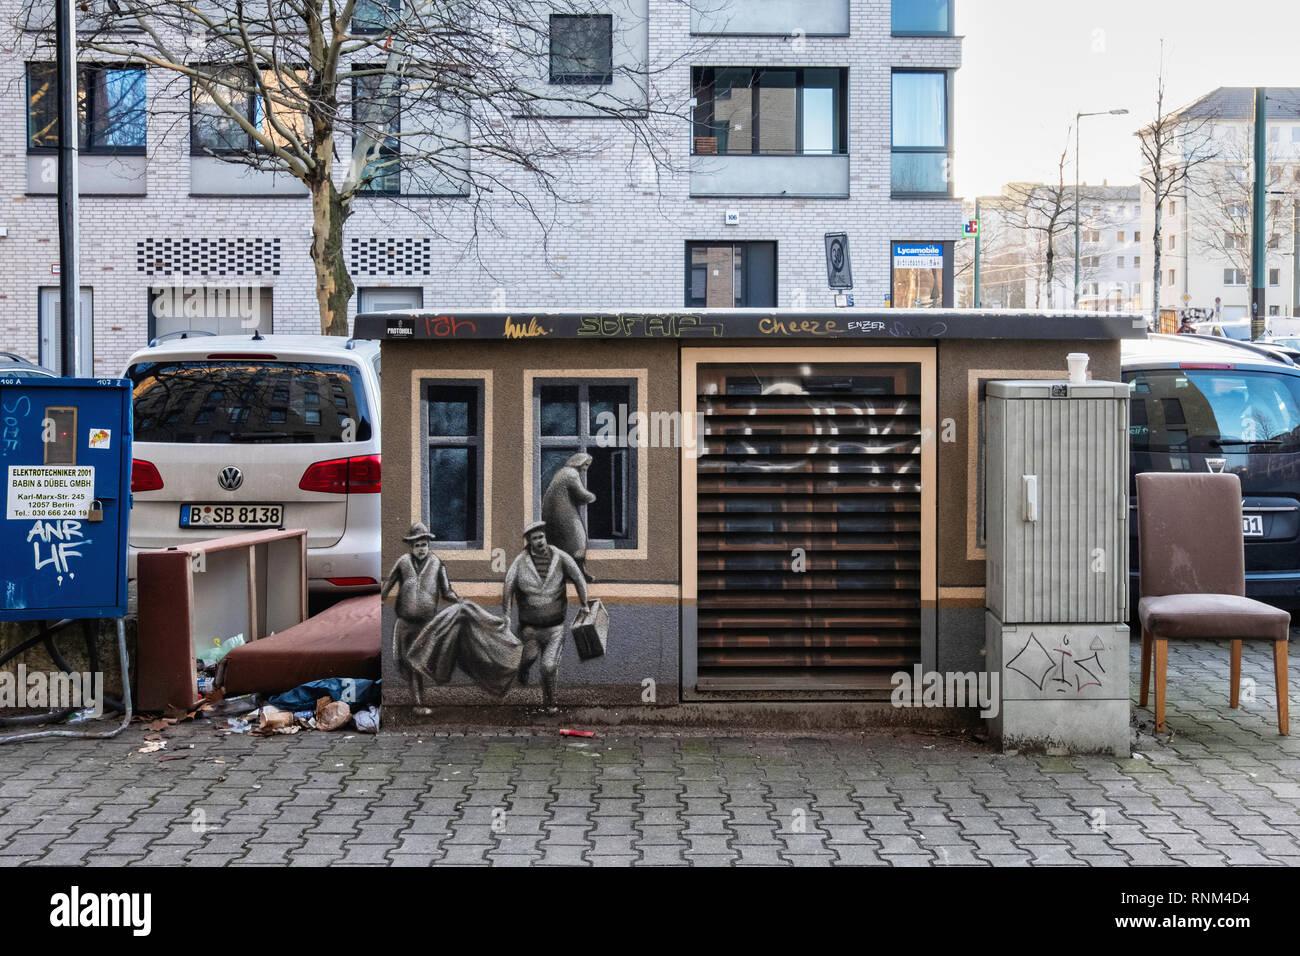 ,Berlín Mitte. Todavía la vida urbana. Cuadro de utilidad con la pintura de las personas que escapan de Berlín Oriental y abandonados muebles de dumping, silla y cama Imagen De Stock